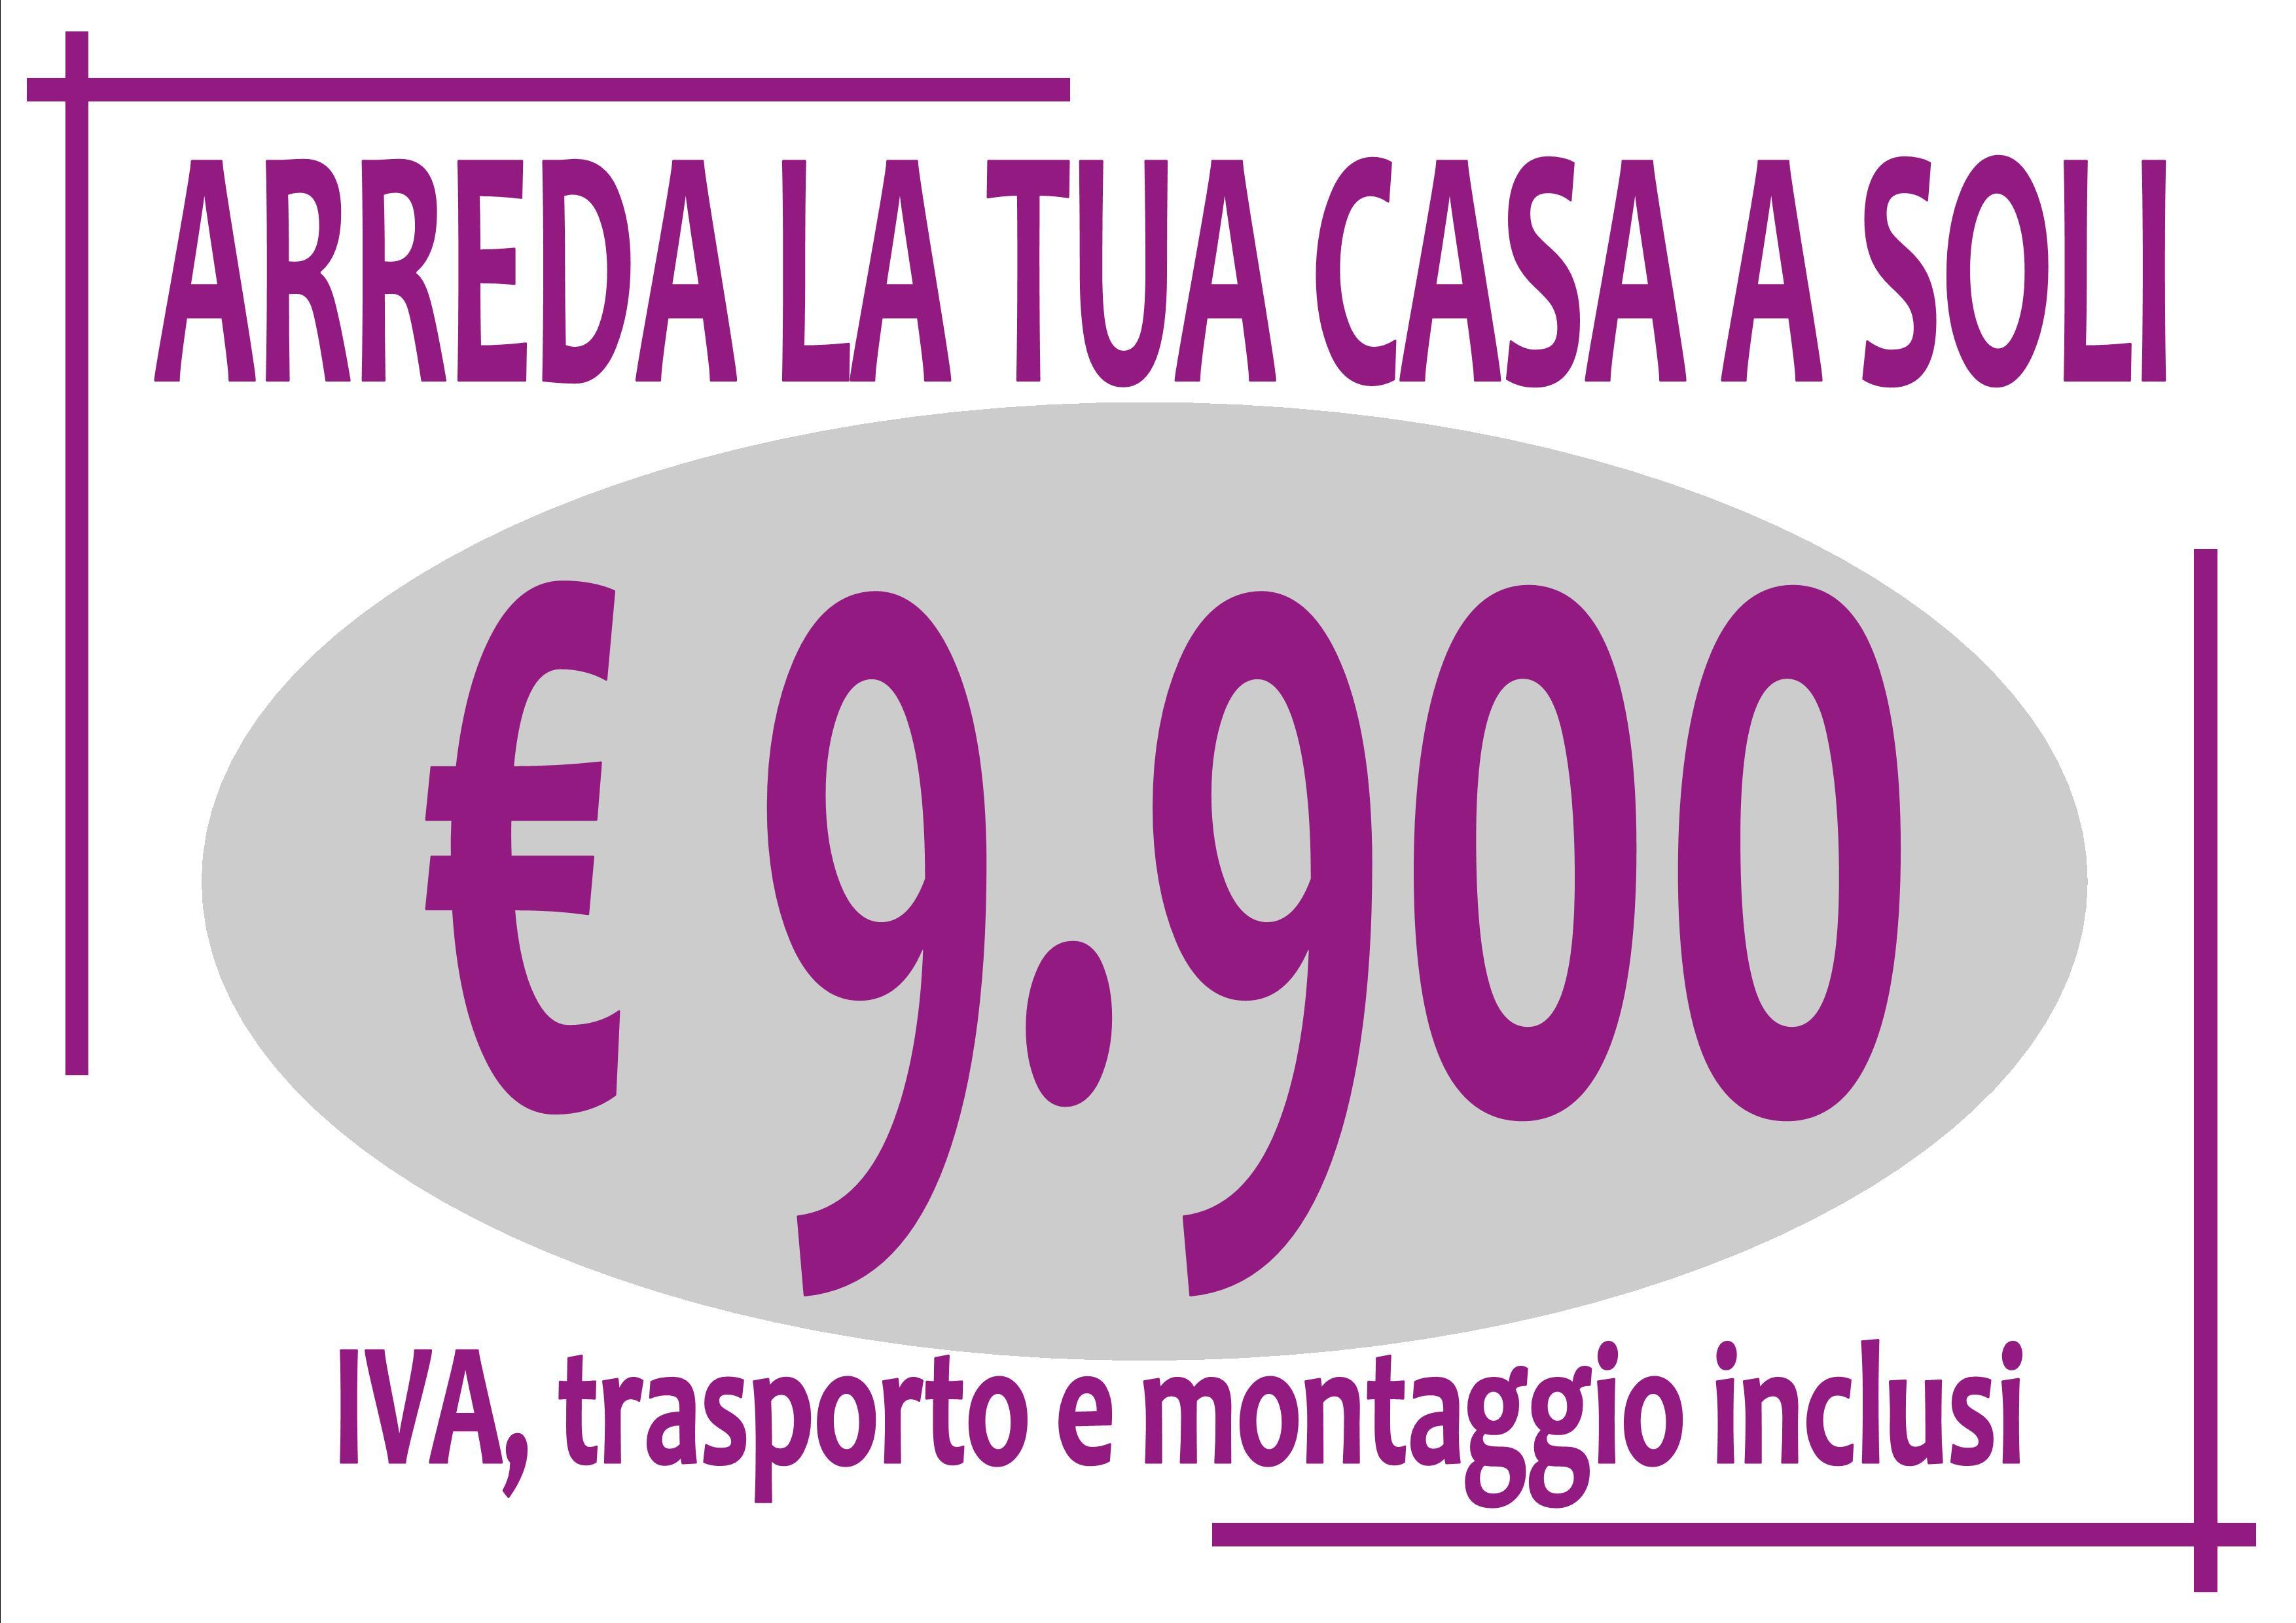 Valenti group arredamento hotel camere for Arredare casa economicamente